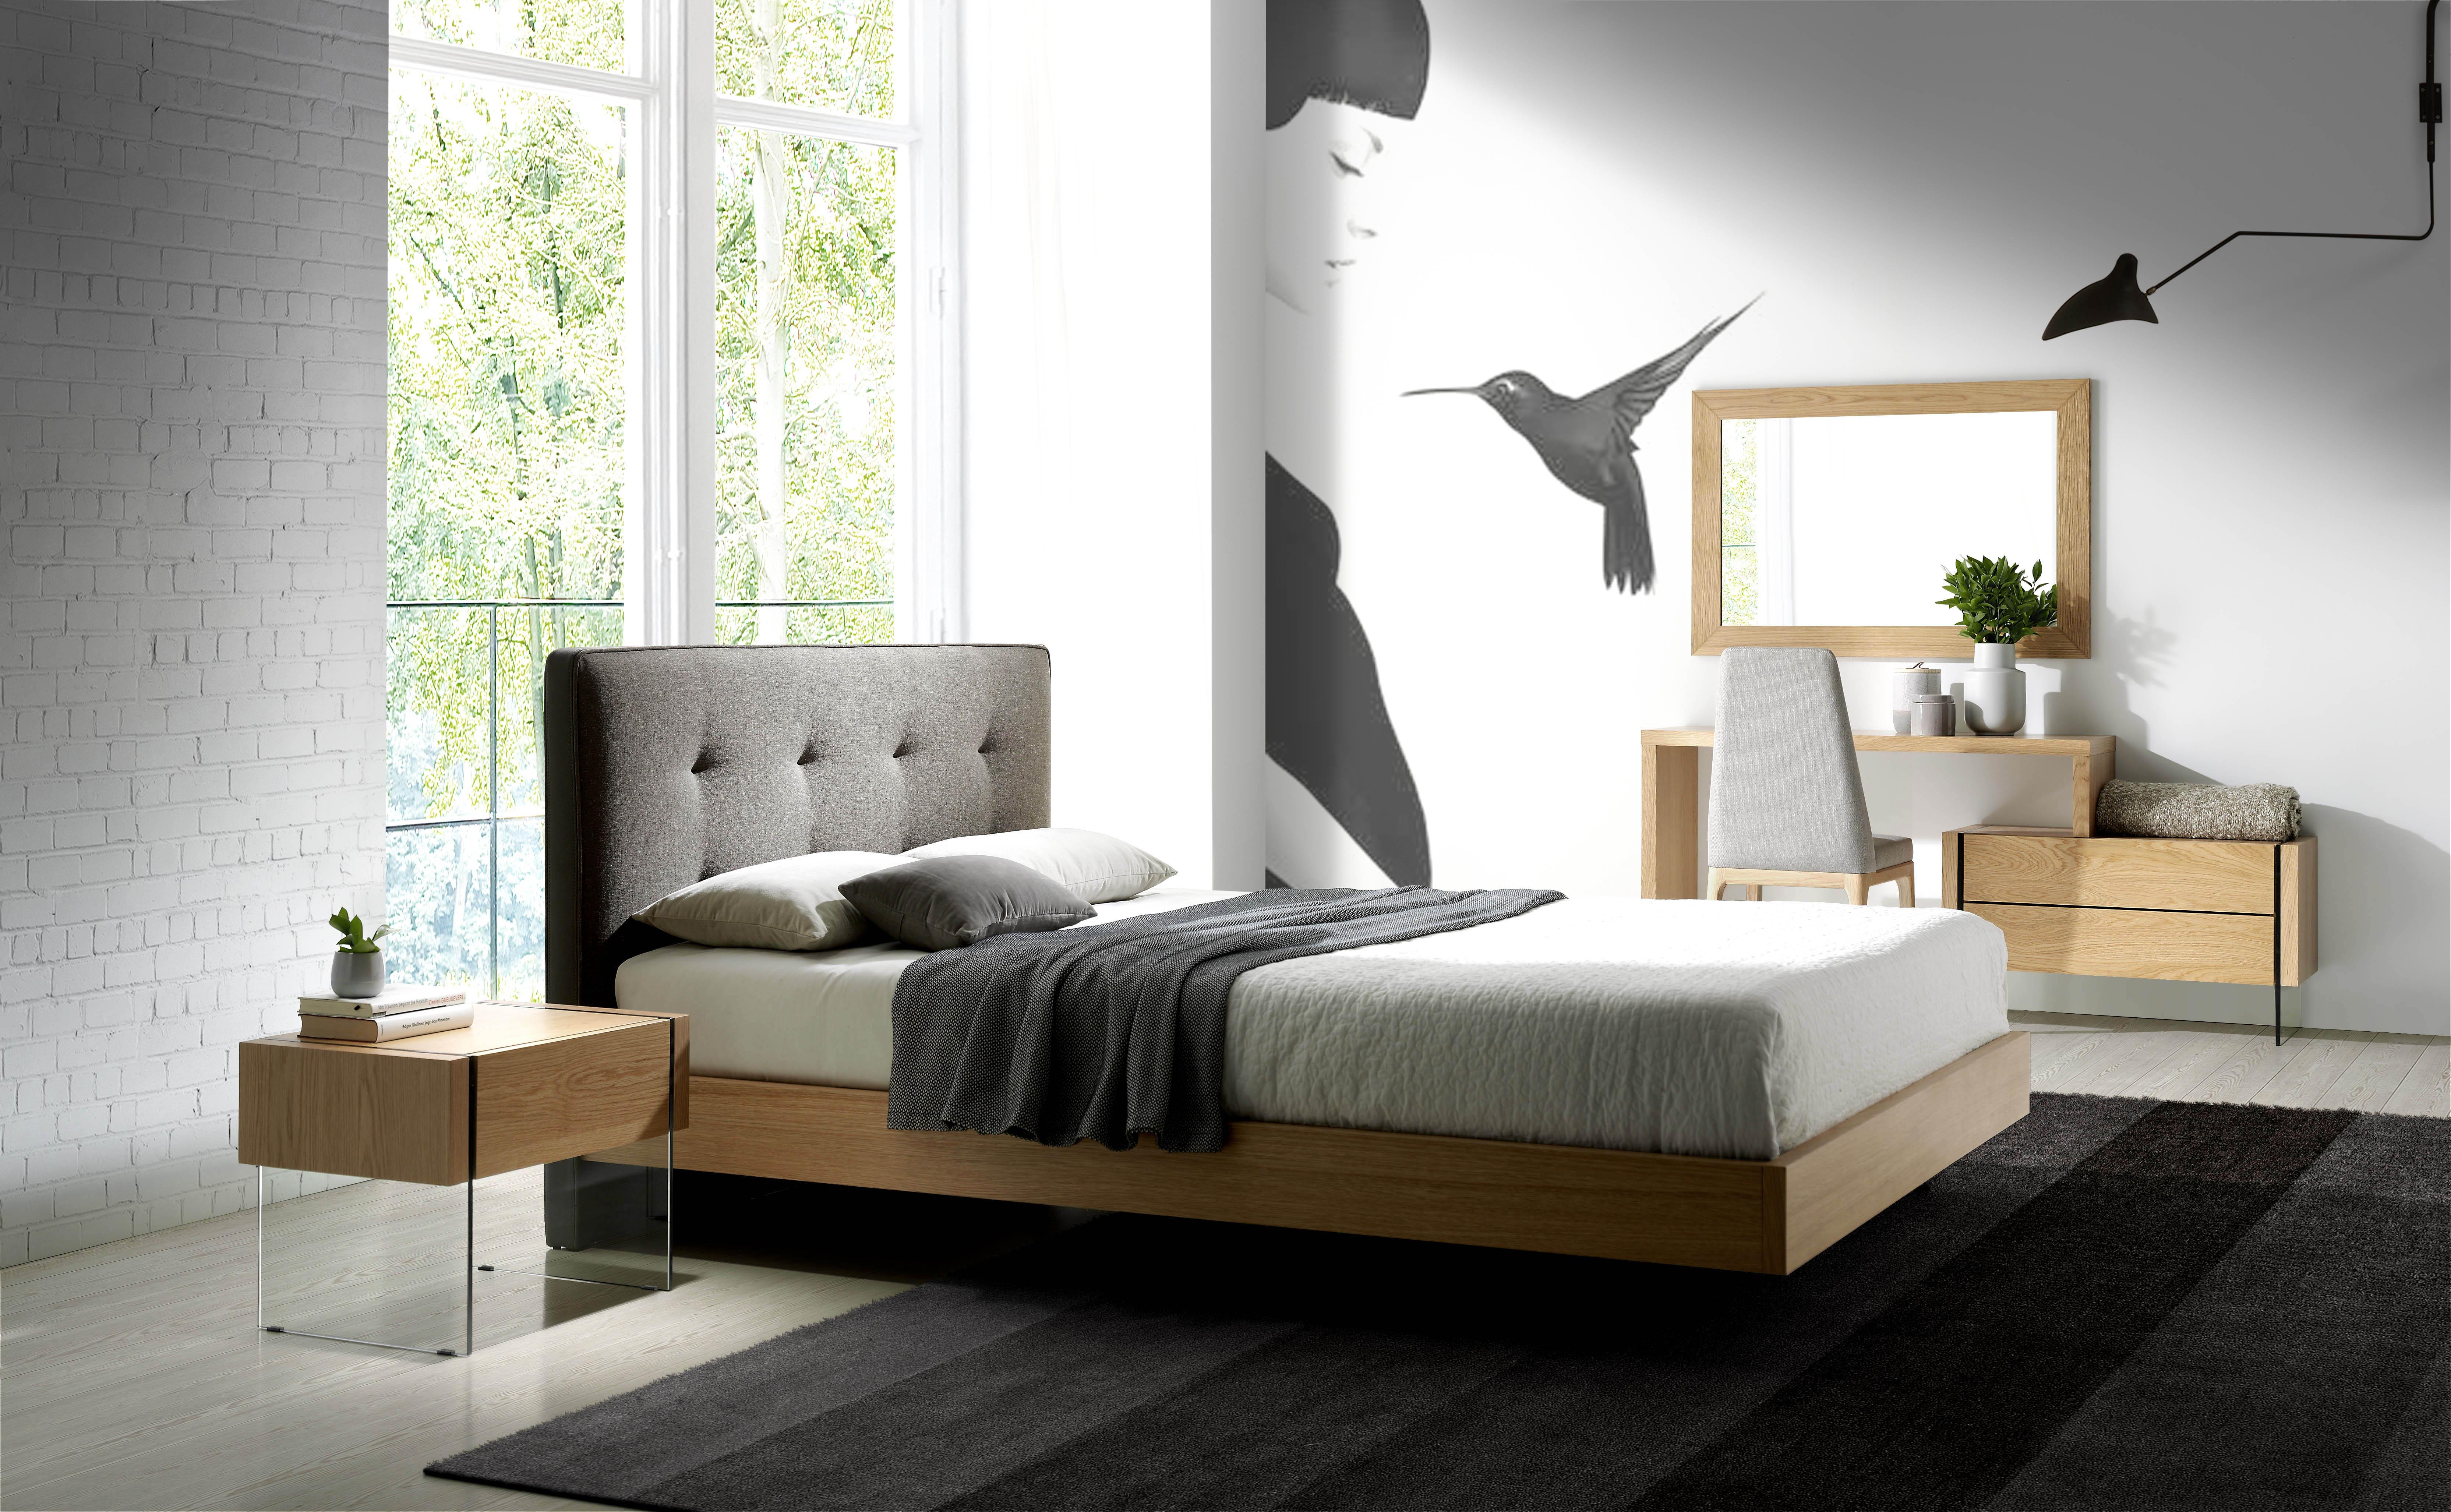 nuevos muebles de diseño italiano Angel Cerdá